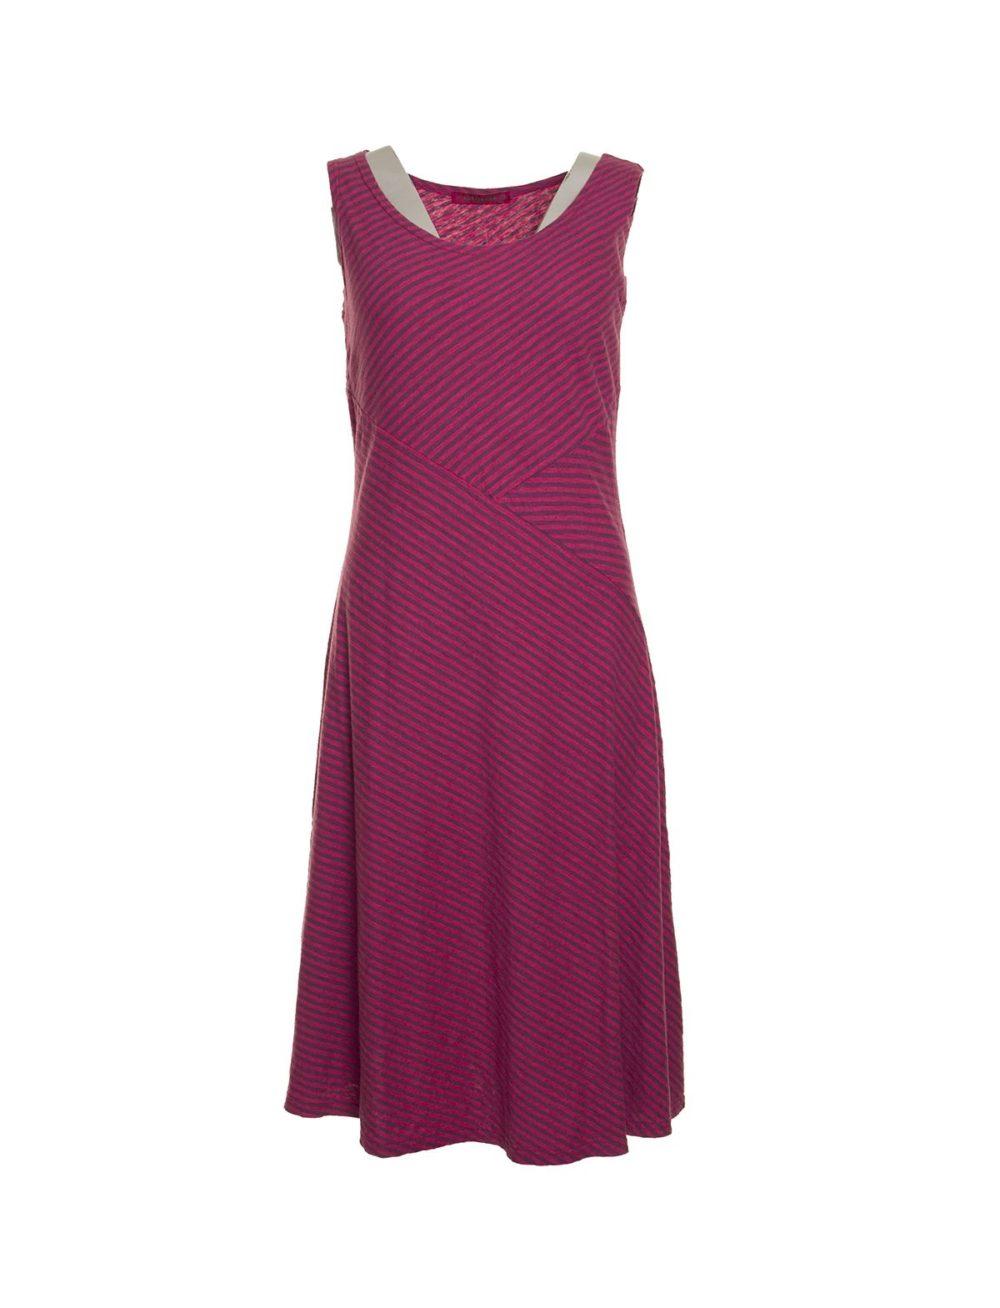 5970817 Seamed Tank Dress Cut Loose Katie Kerr Women's Clothing